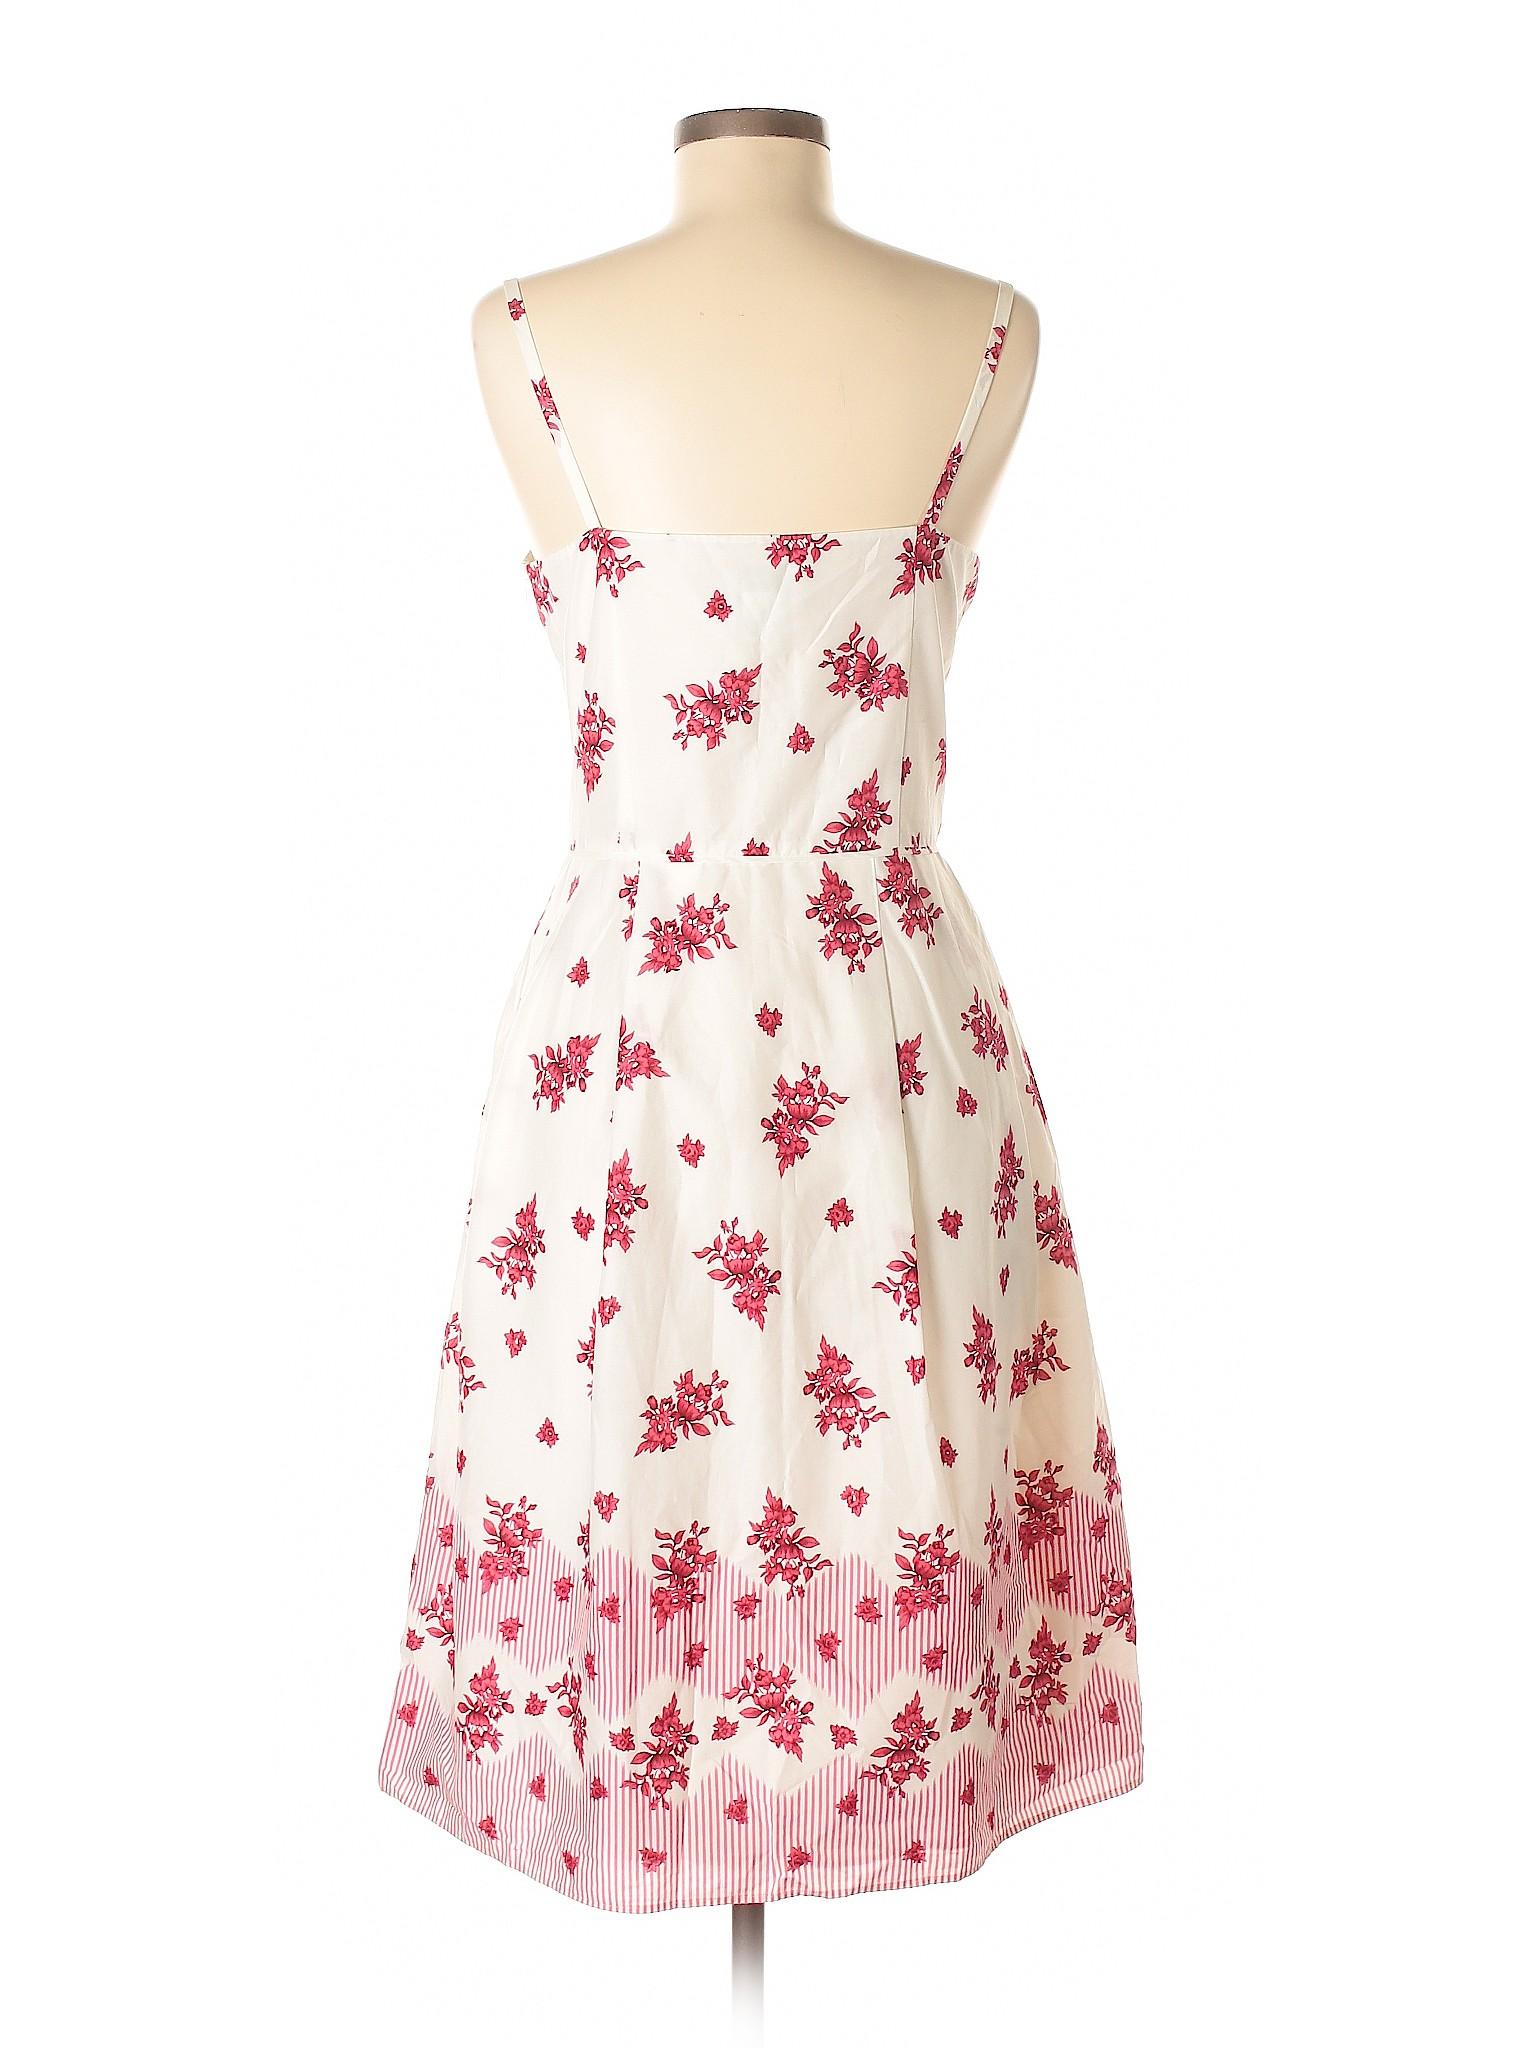 LOFT Selling Ann Taylor Dress Casual EwRWErqHY